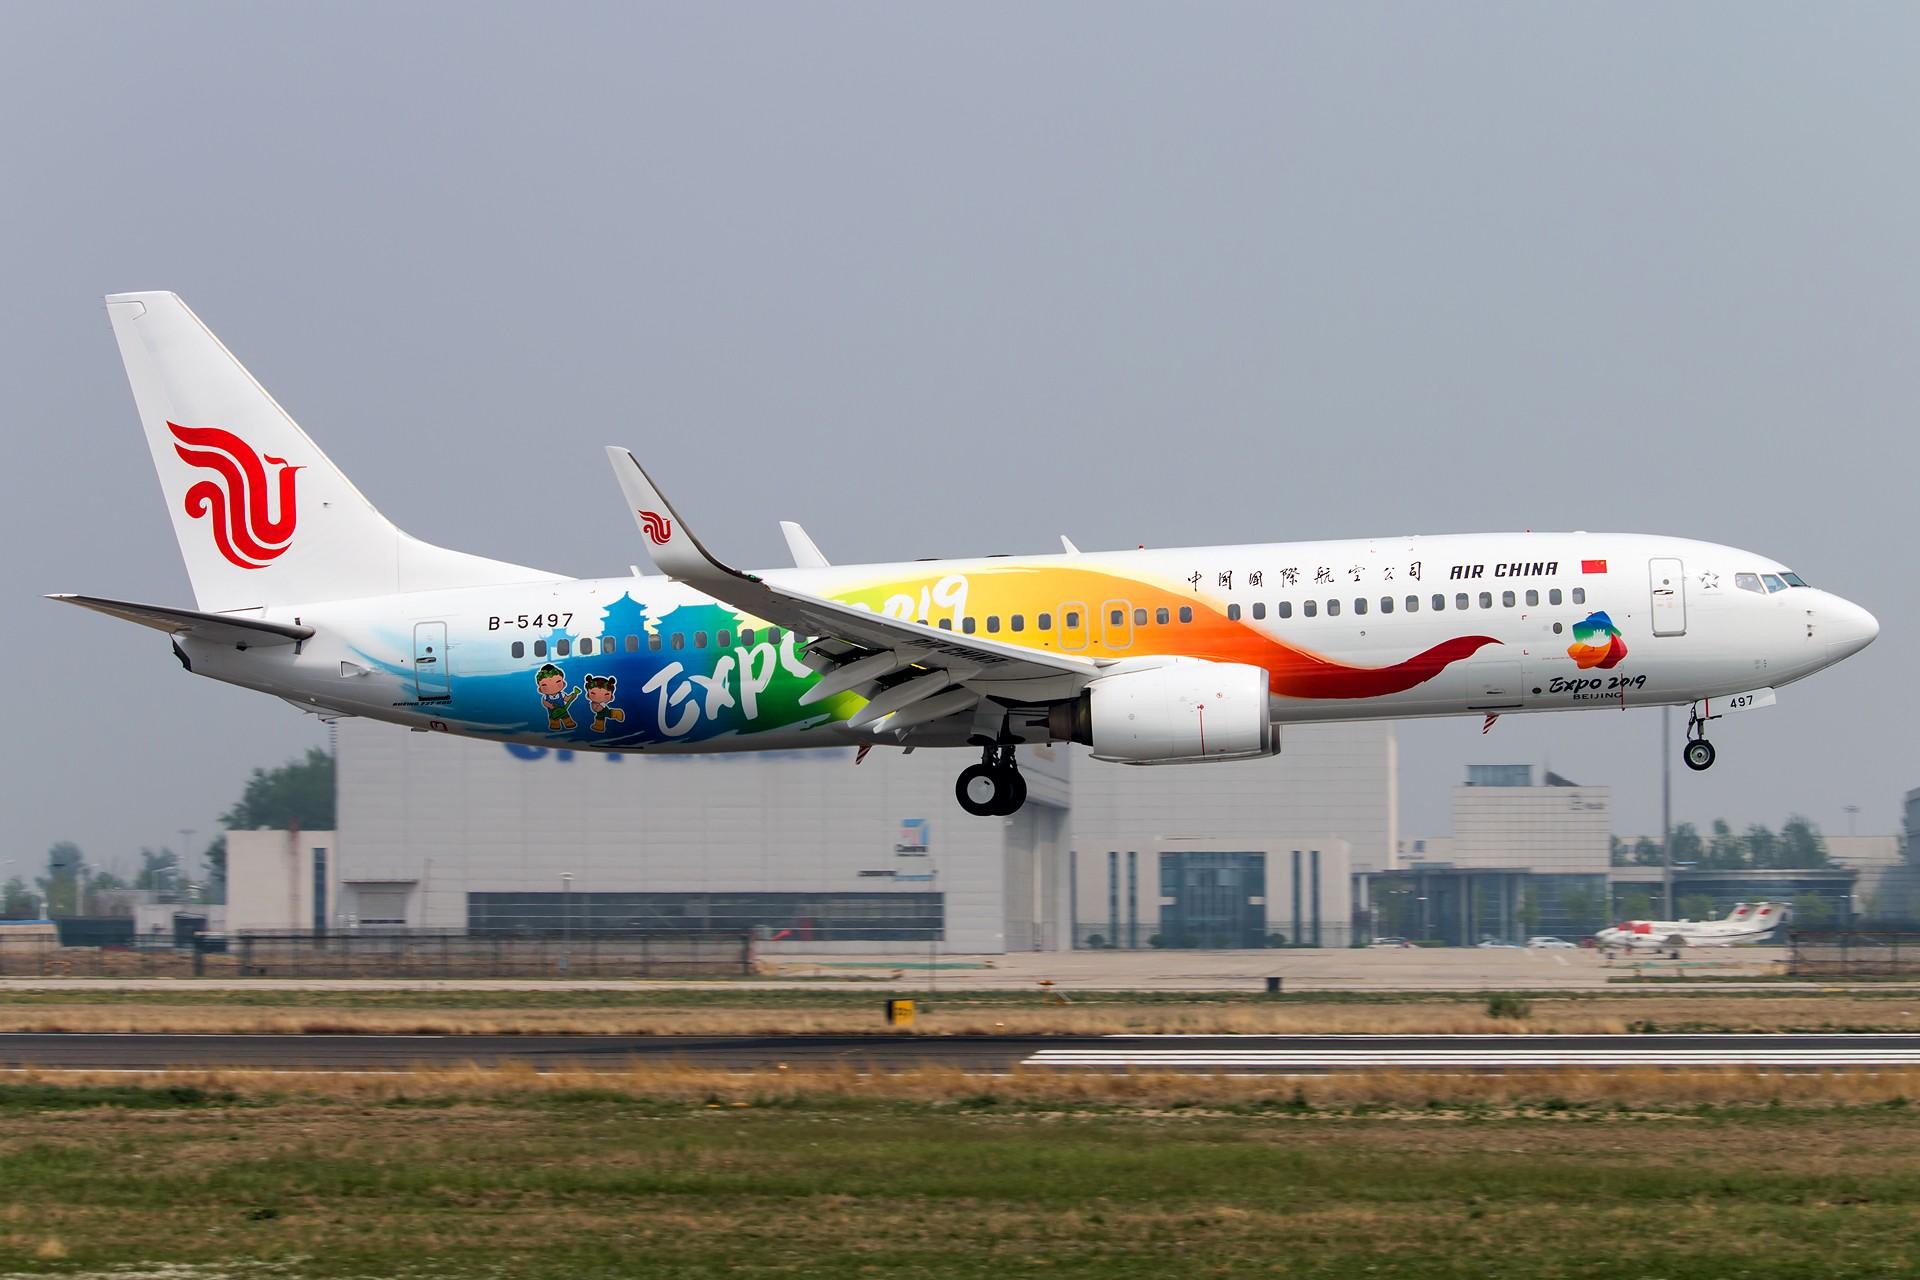 [原创][一图党] 中国国际航空 EXPO 2019 Beijing彩绘机 1920*1280 BOEING 737-800 B-5497 中国北京首都国际机场